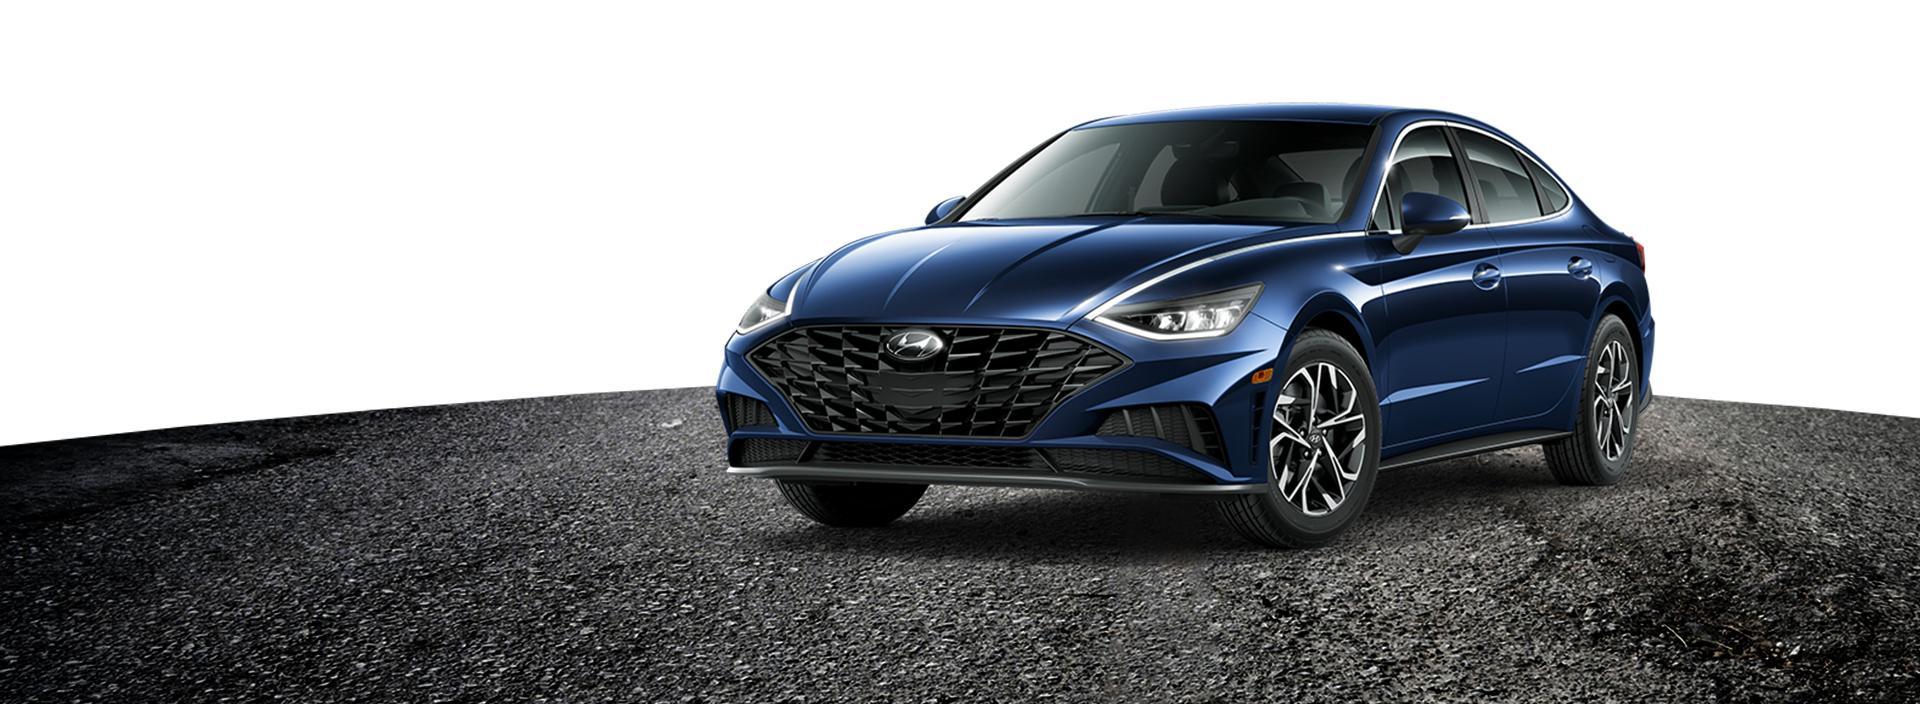 Dark blue 2020 Hyundai Sonata